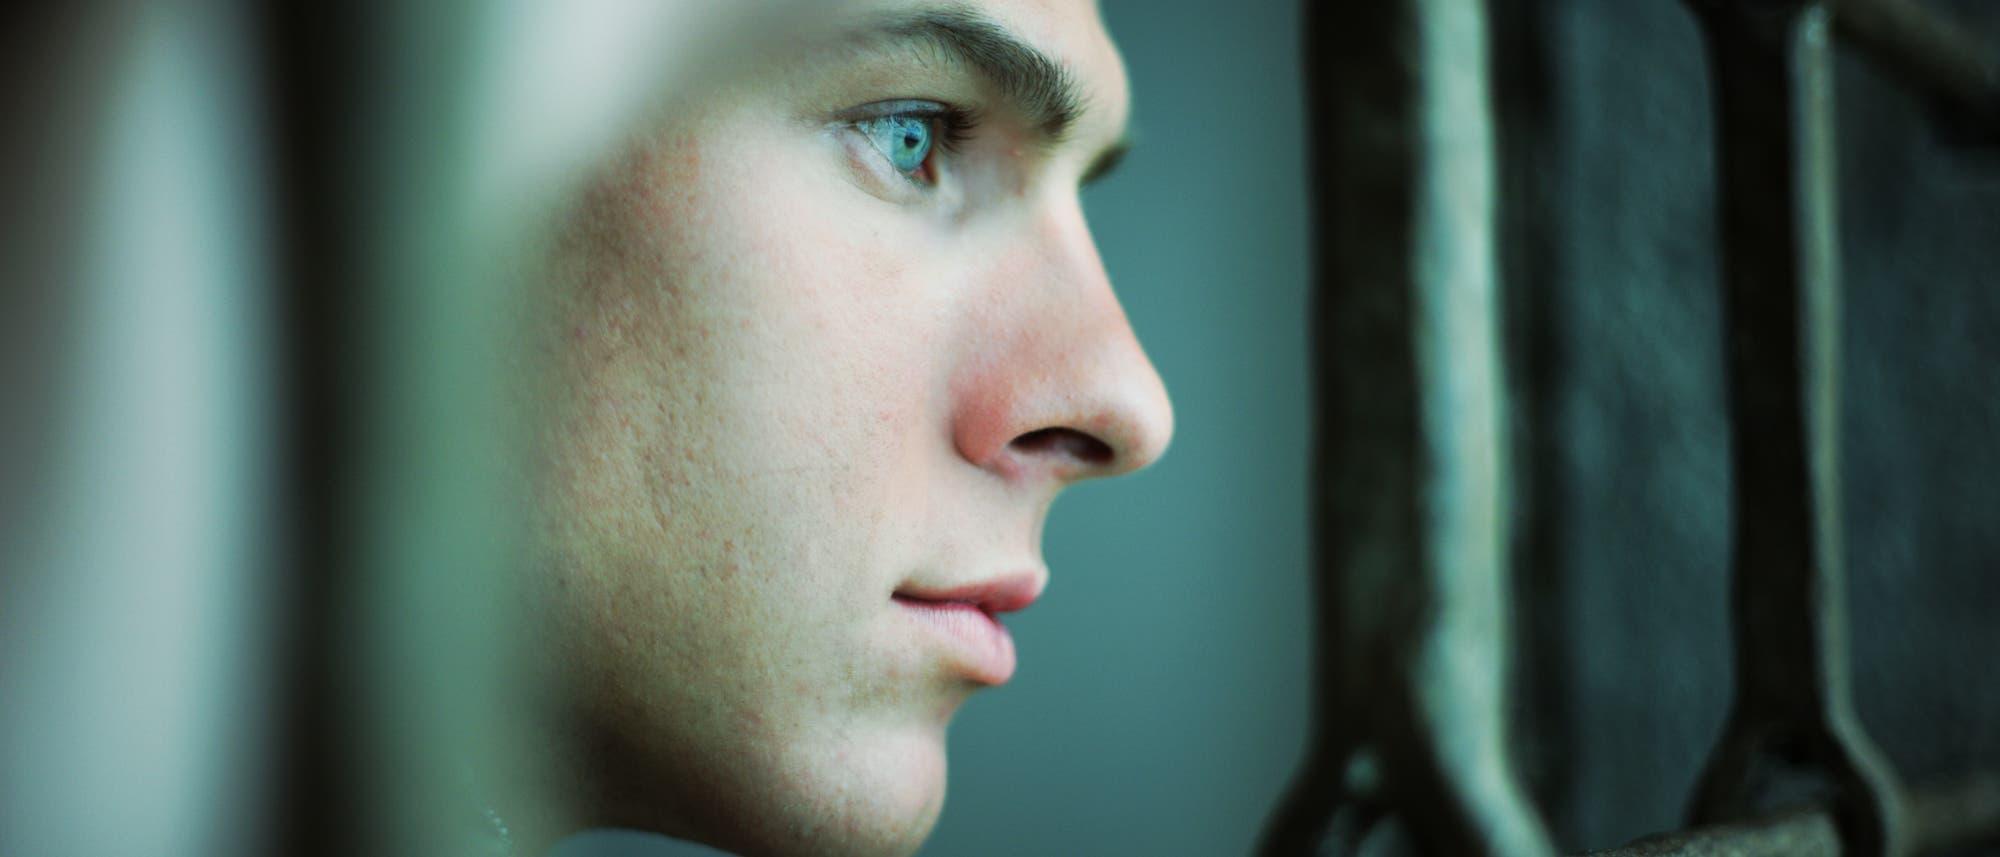 Ein Mann sieht zwischen den Gitterstäben eines Gefängnisses hervor.